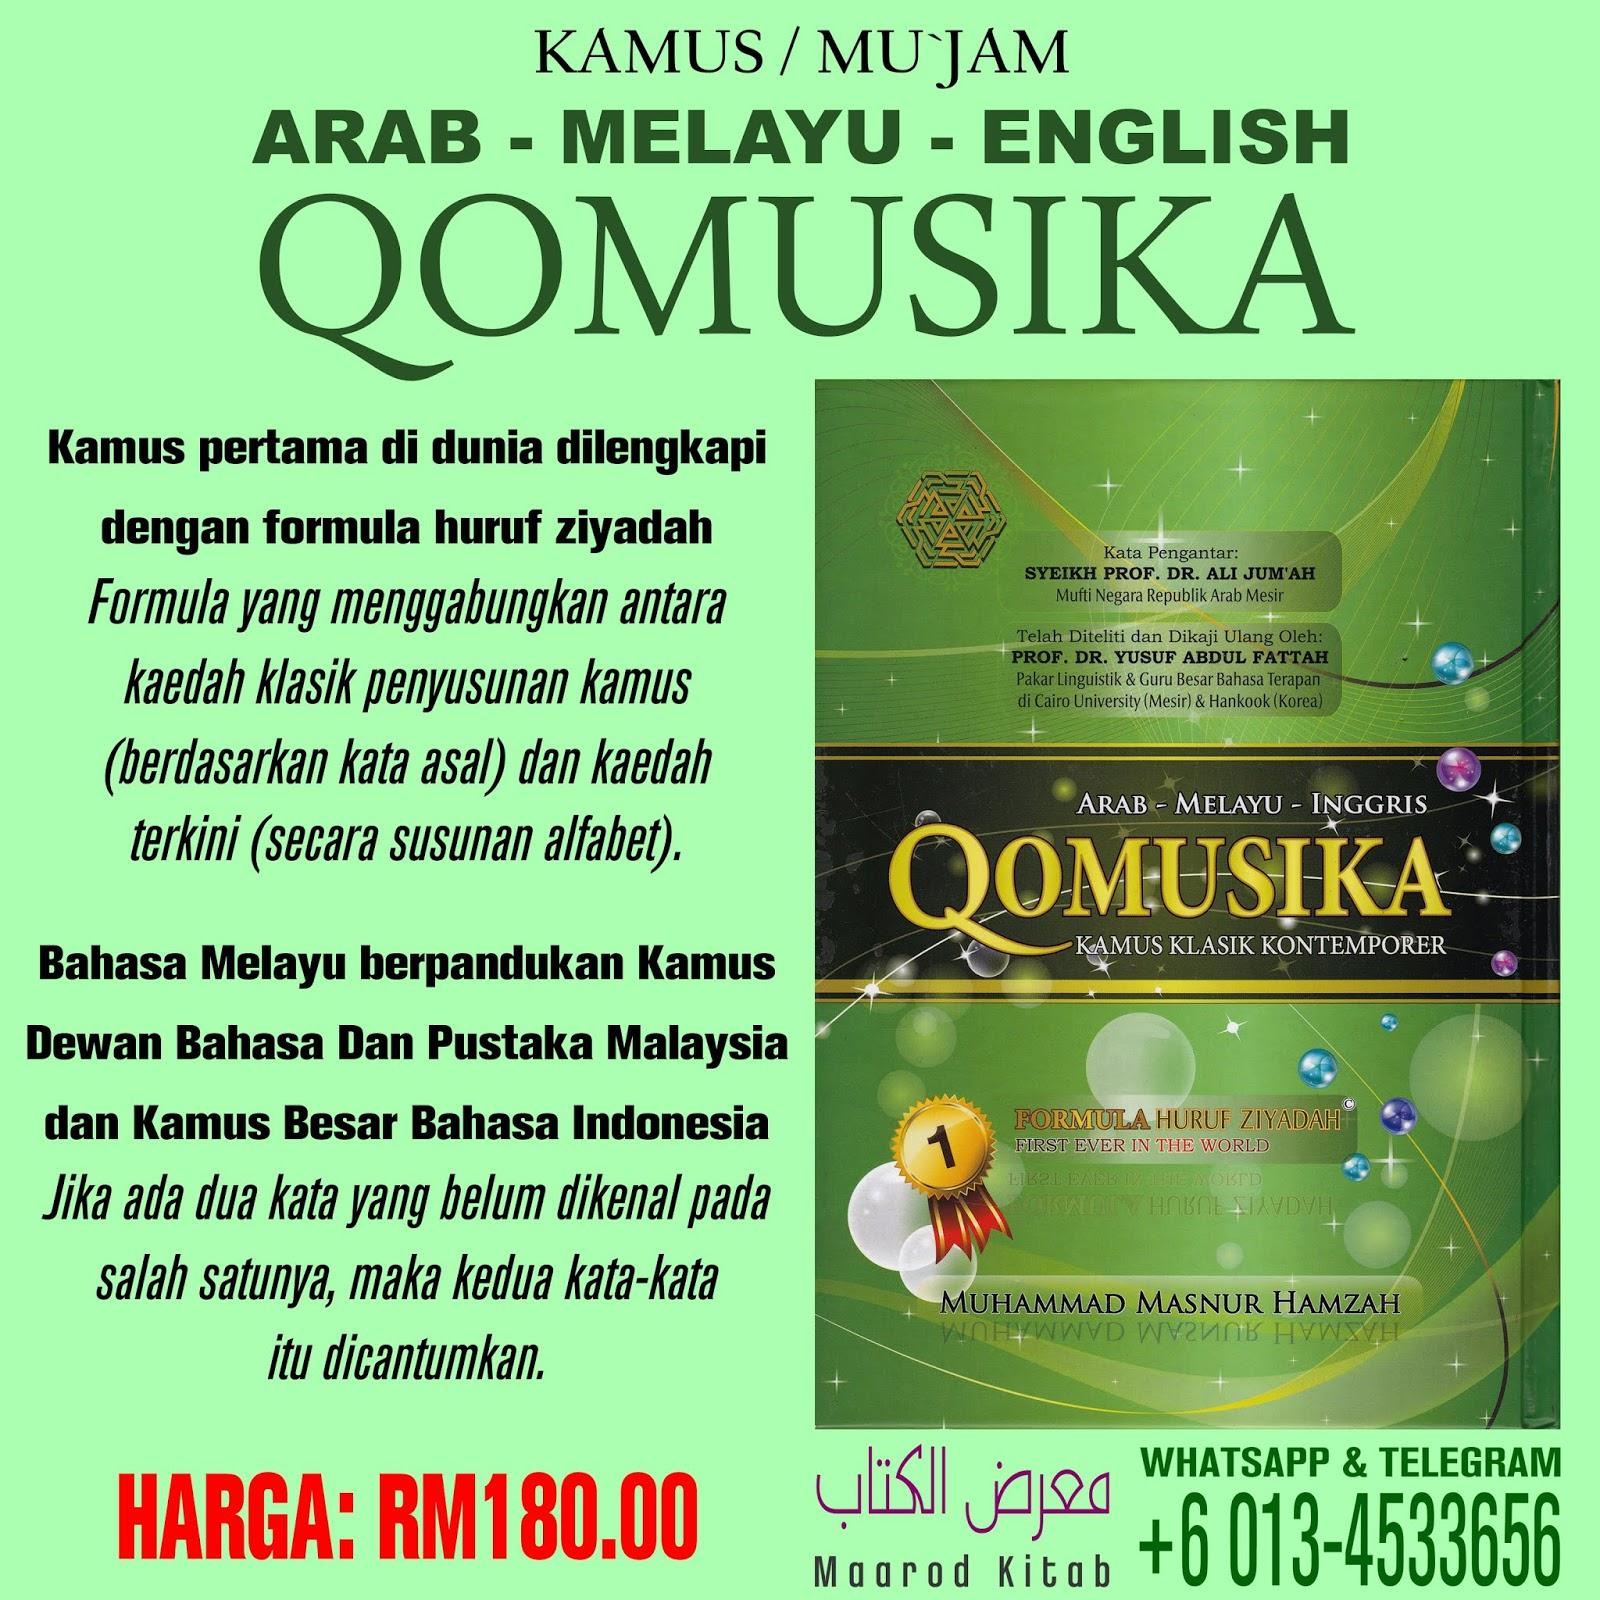 Maarod Kitab Kamus Mu Jam Qomusika Bahasa Arab Bahasa Melayu English